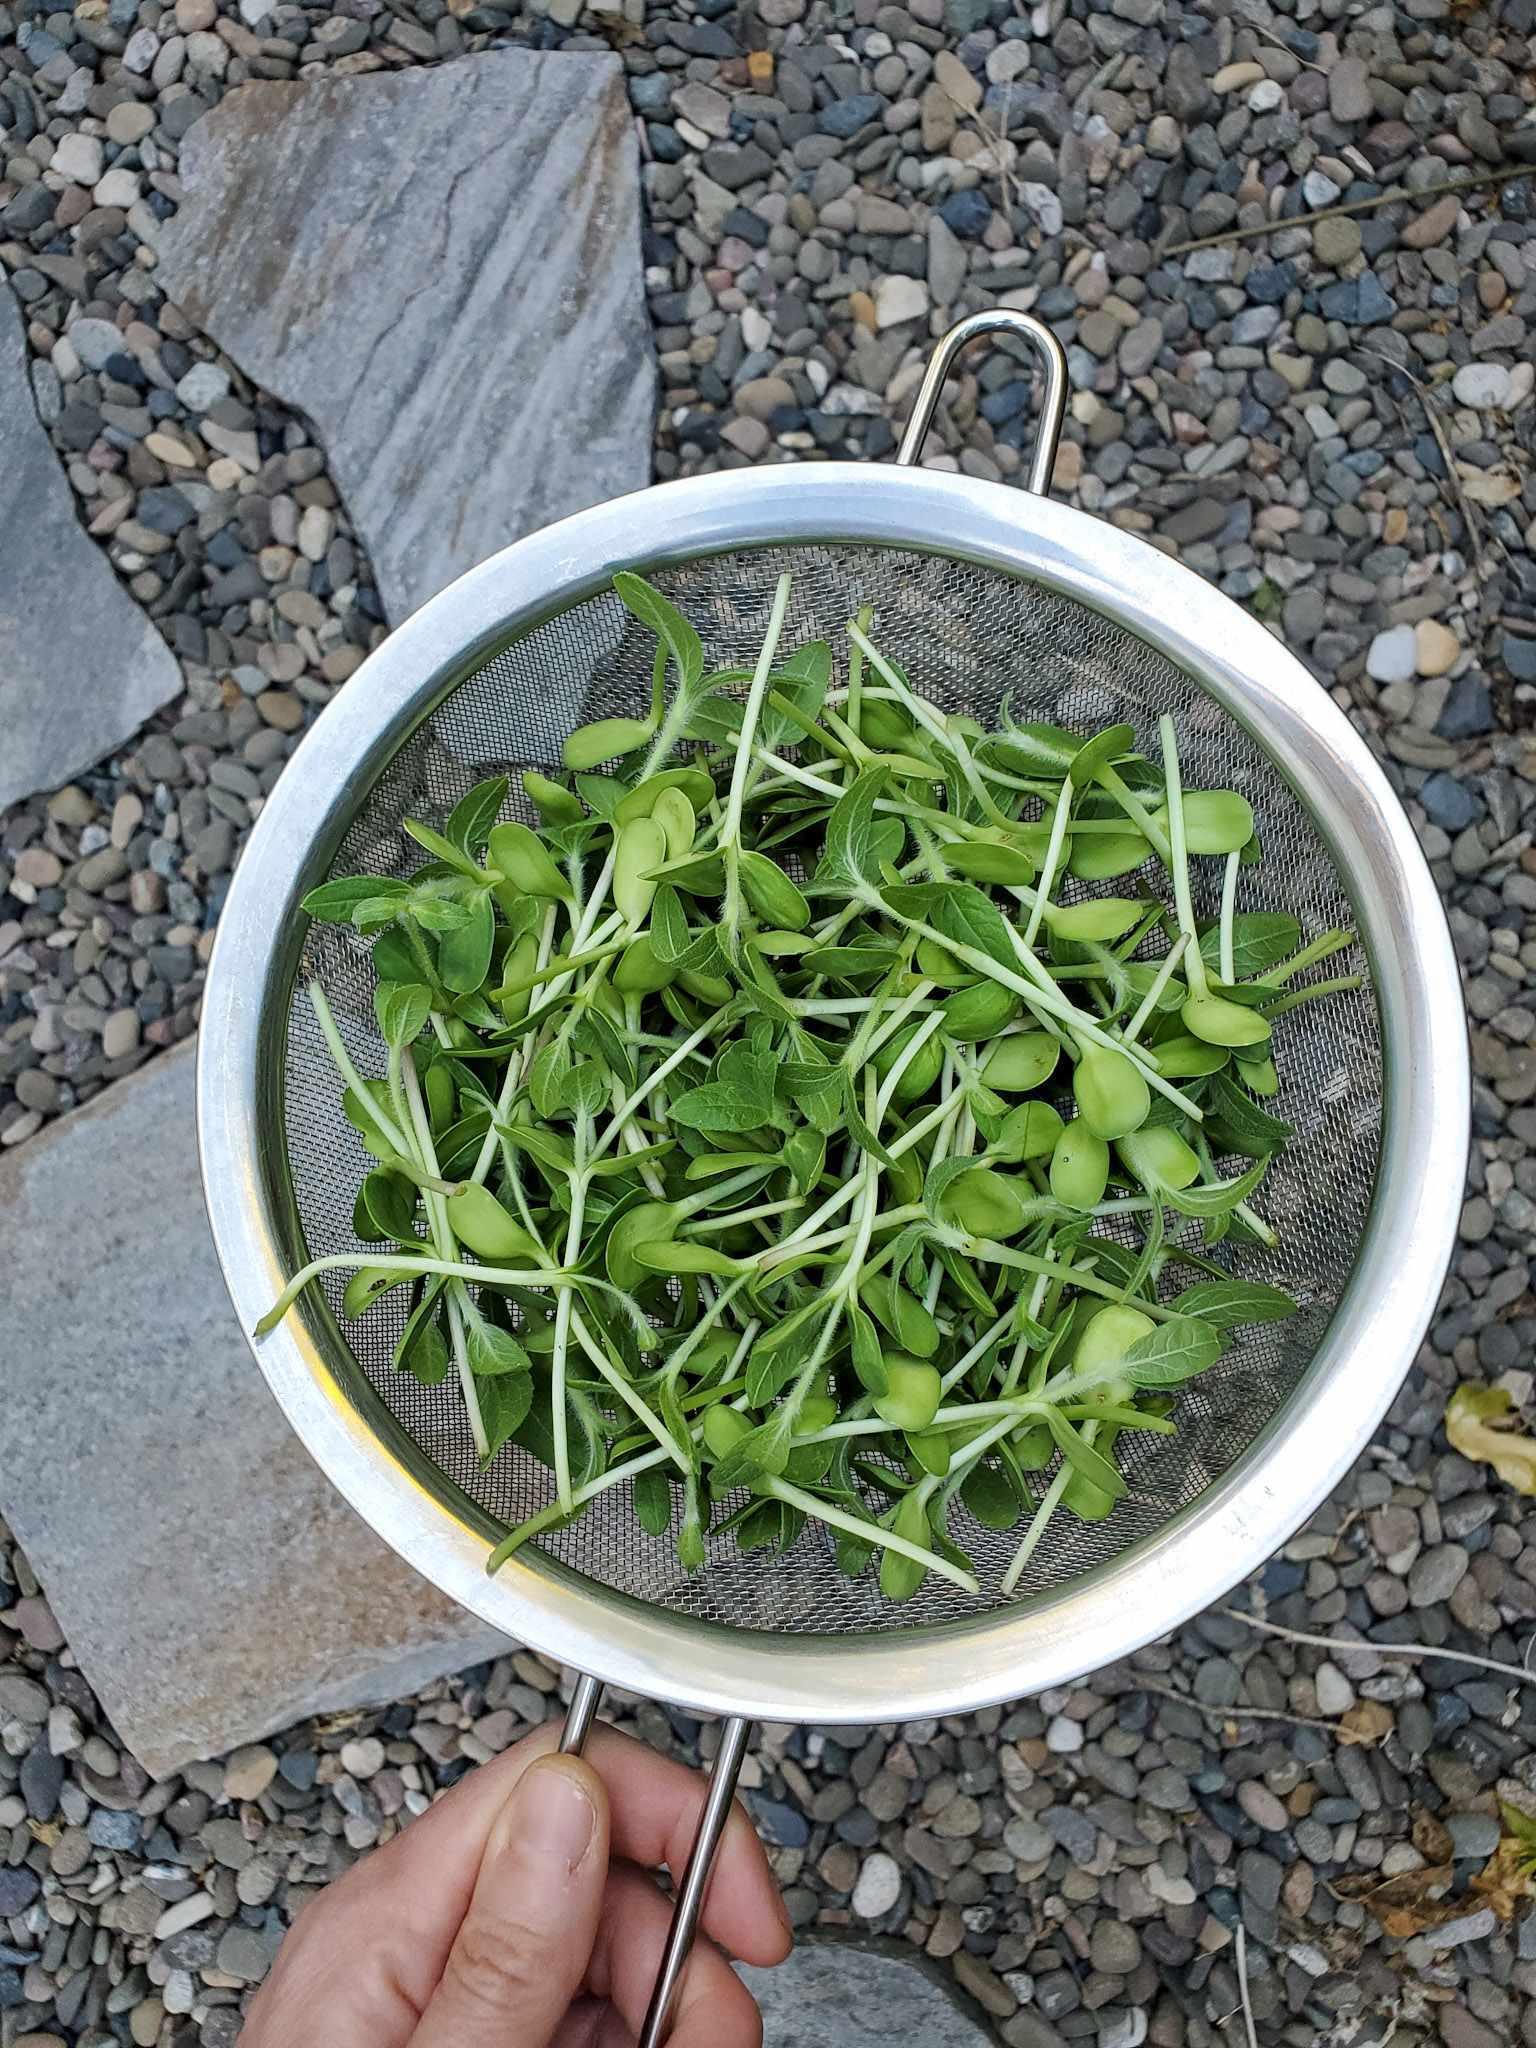 Une main tient une passoire métallique à mailles fines sur un chemin gravillonné. La passoire est pleine de micro-verts de tournesol fraîchement récoltés qui mesurent environ deux pouces de longueur.